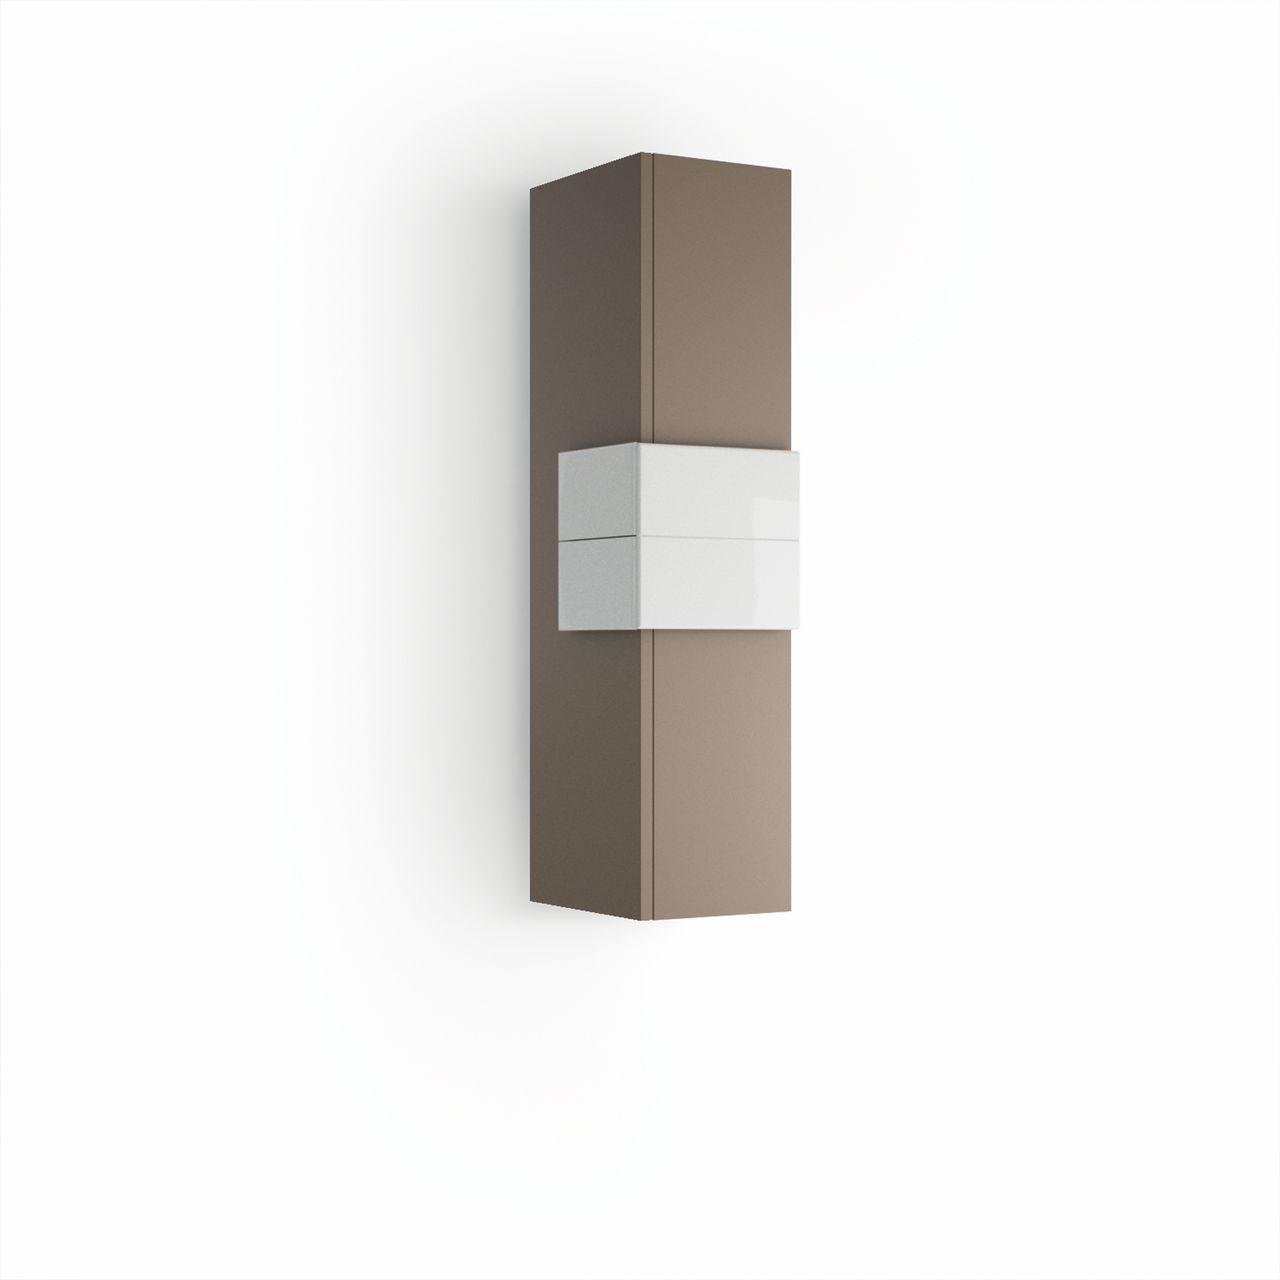 Muebles Cronos halfhoge badkamerkast 100cm mokka - wit